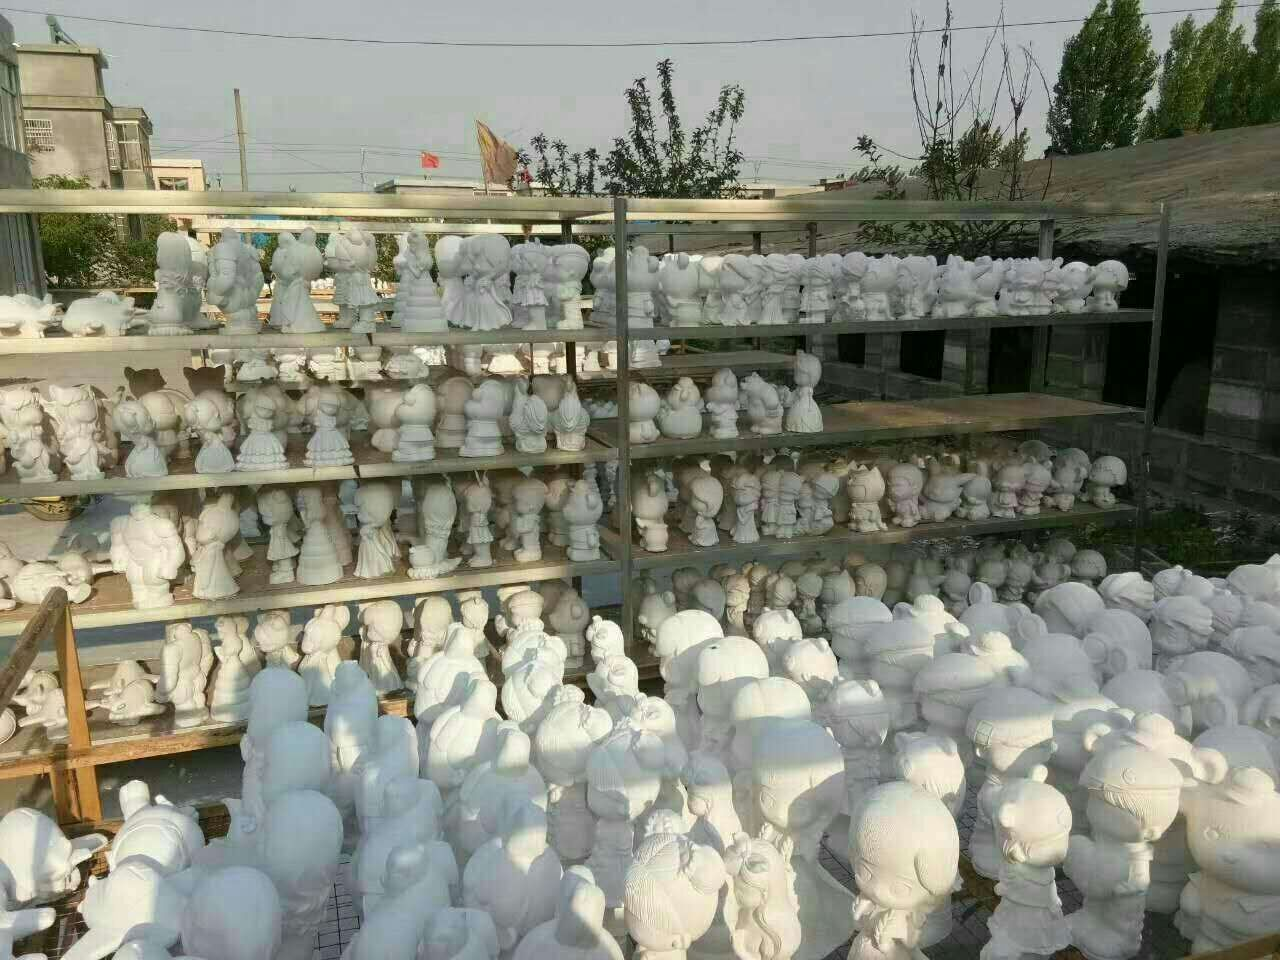 亳州市儿童卡通石膏彩绘娃娃,优质石膏娃娃批发,石膏像模具批发